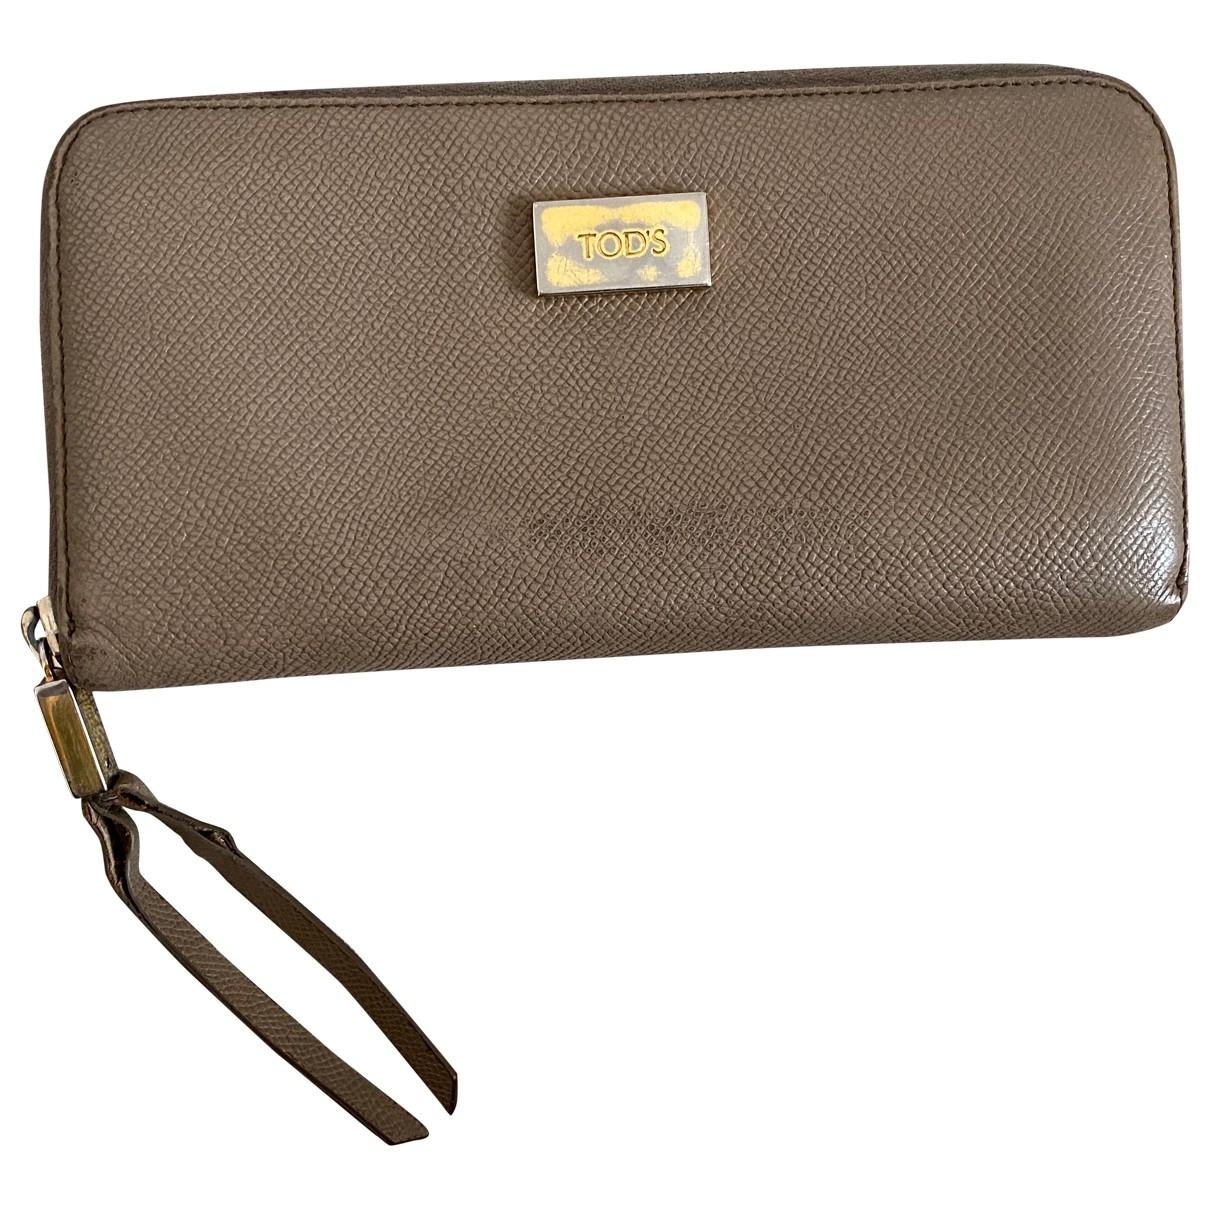 Tods - Portefeuille   pour femme en cuir - beige